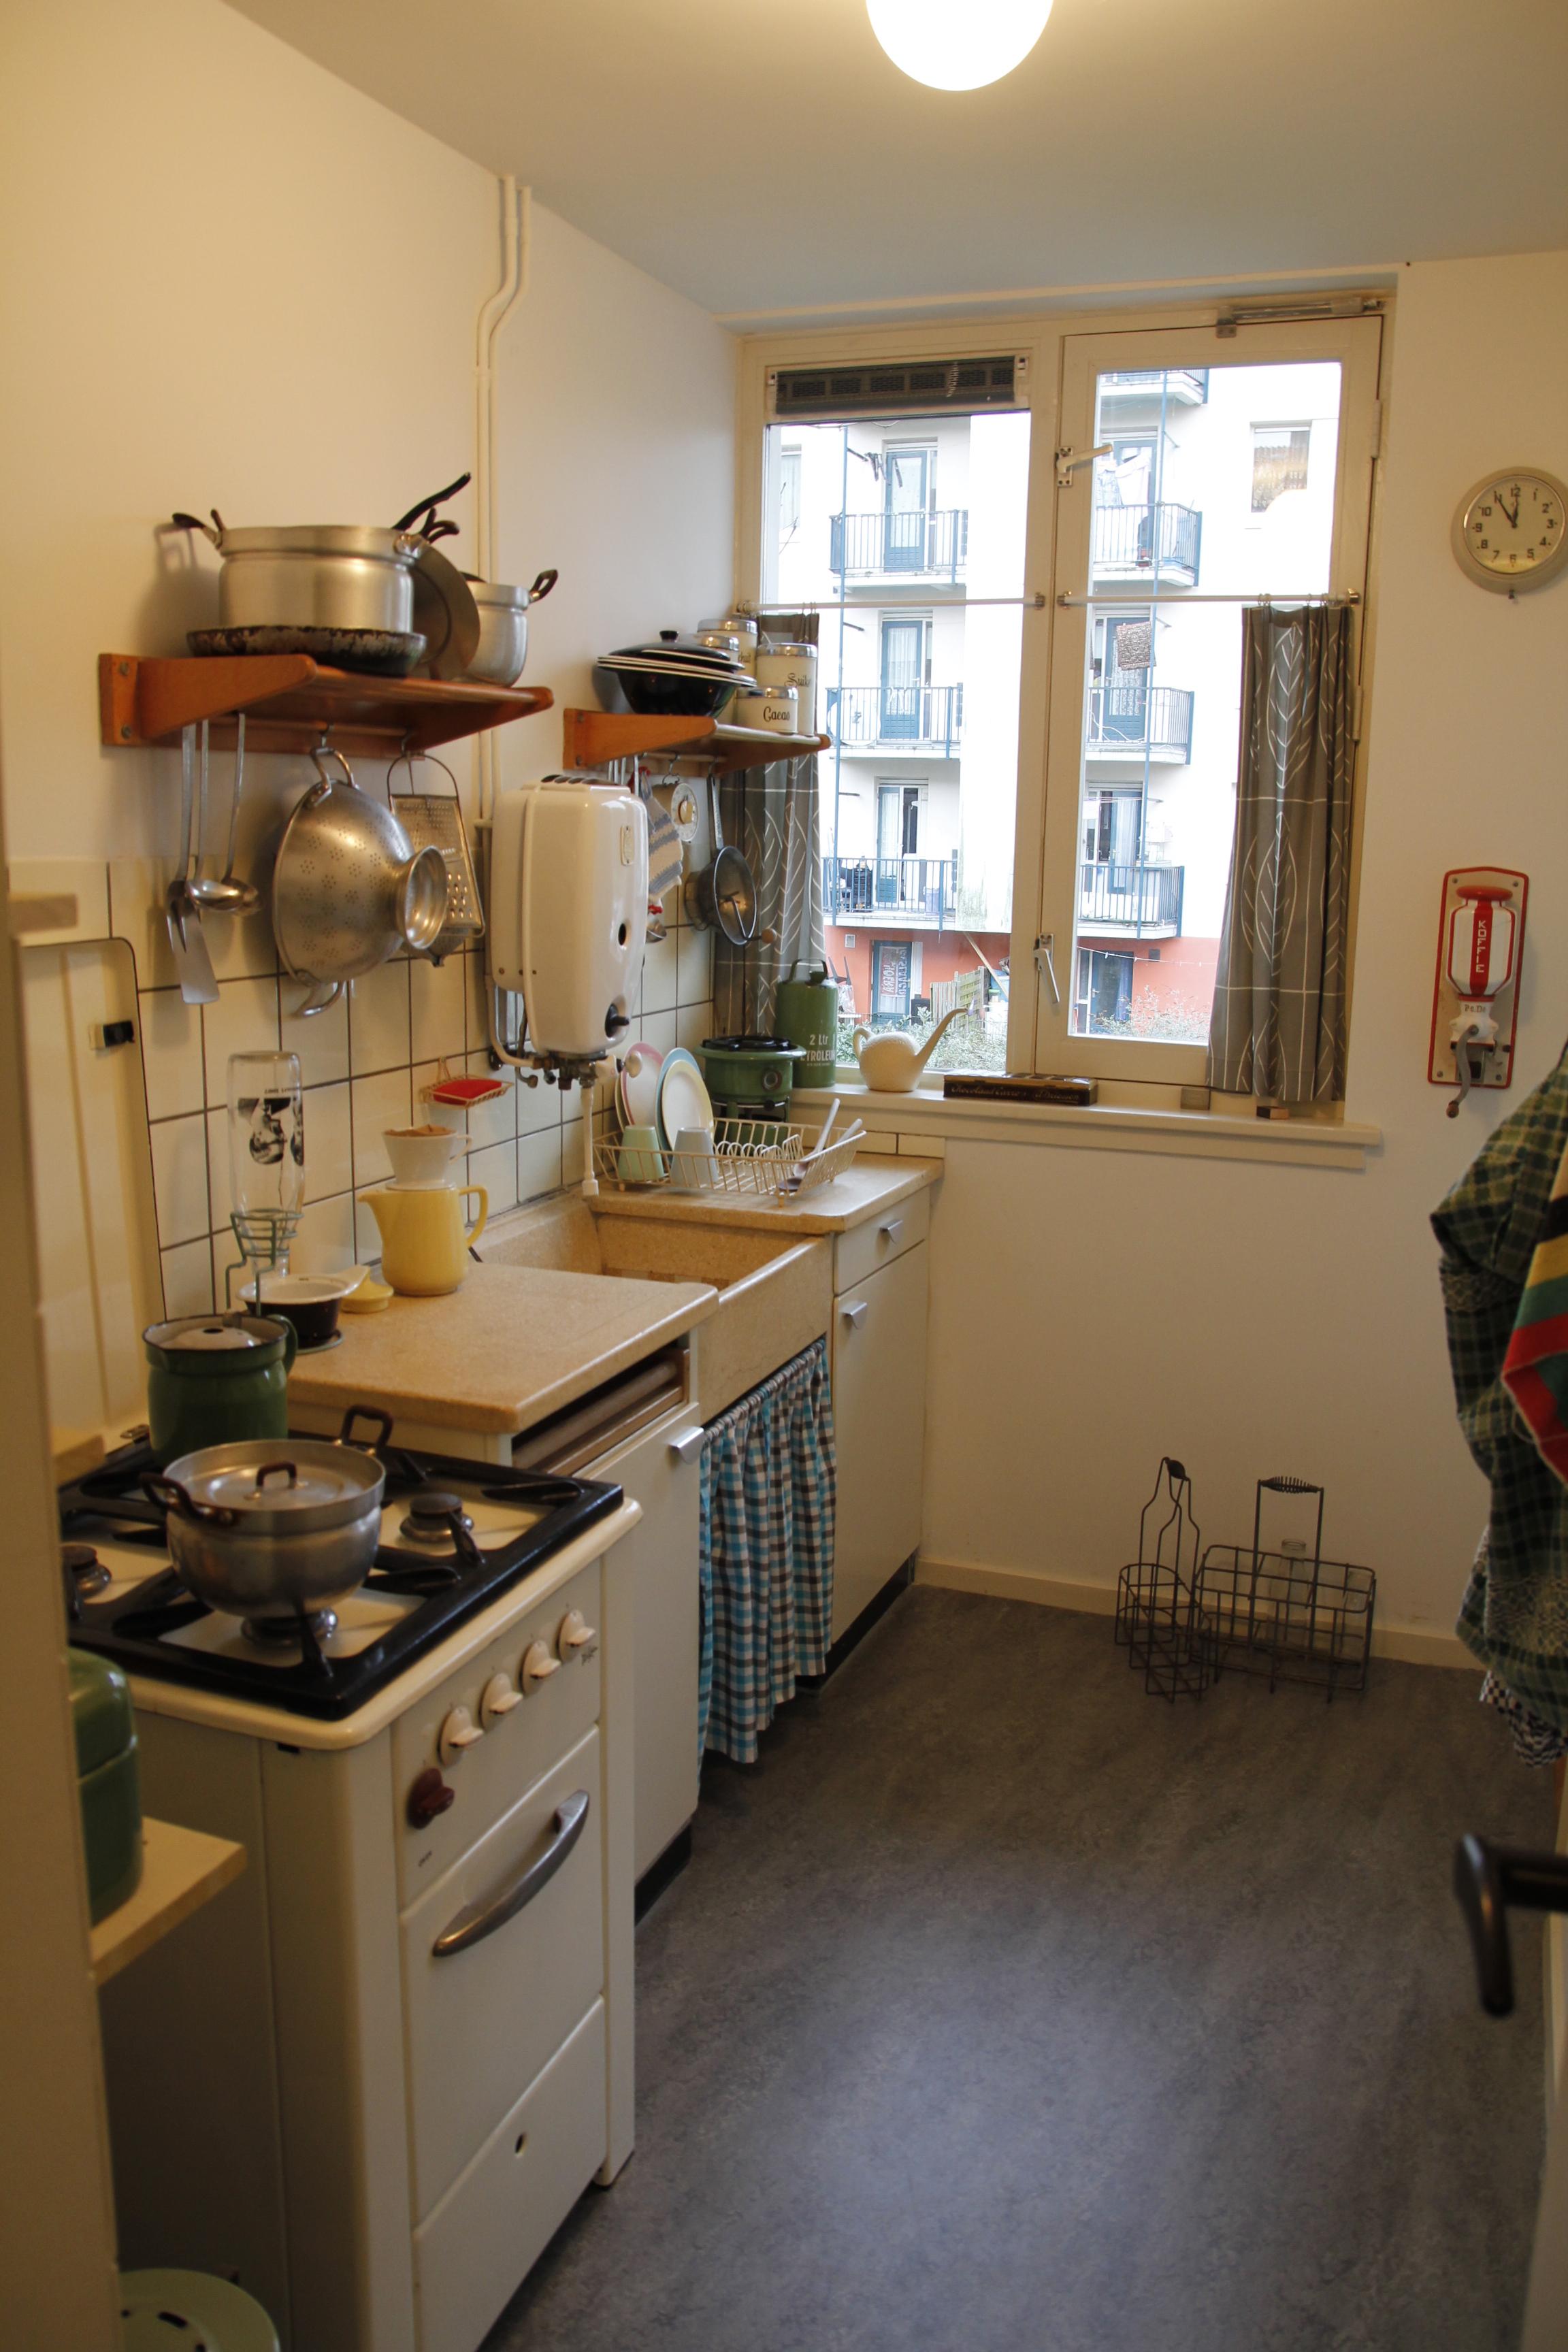 van Eesteremuseum jaren 50 keuken  van OnS